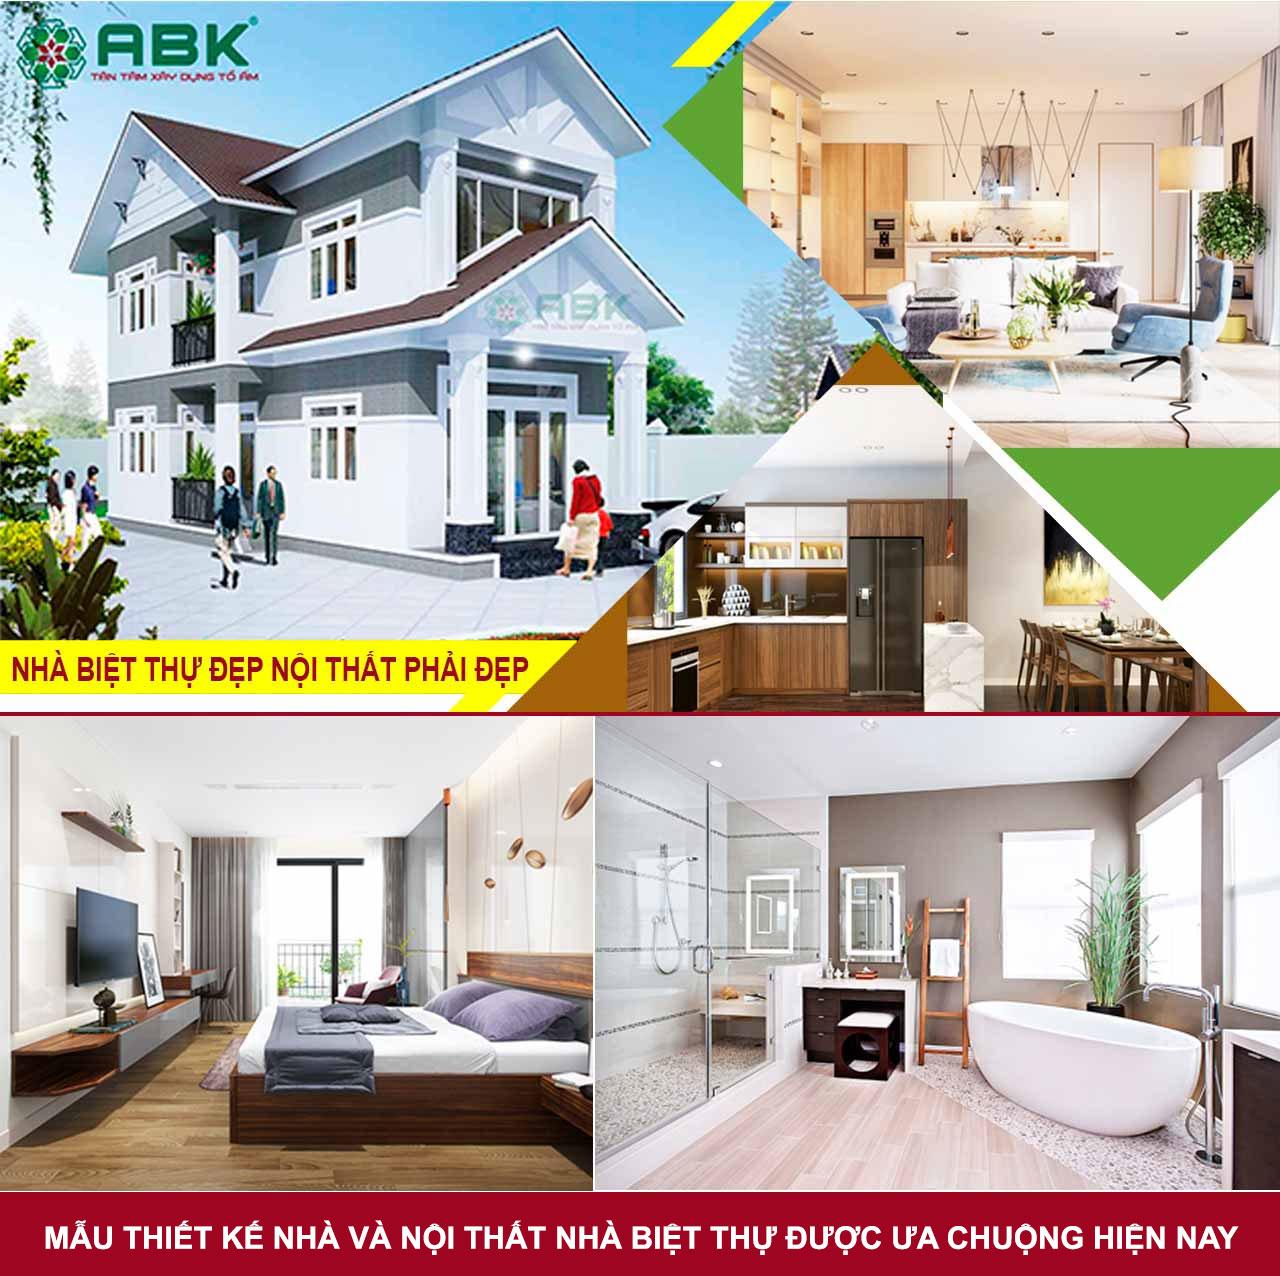 Mẫu thiết kế và nội thất nhà biệt thử hiện đại sang trọng